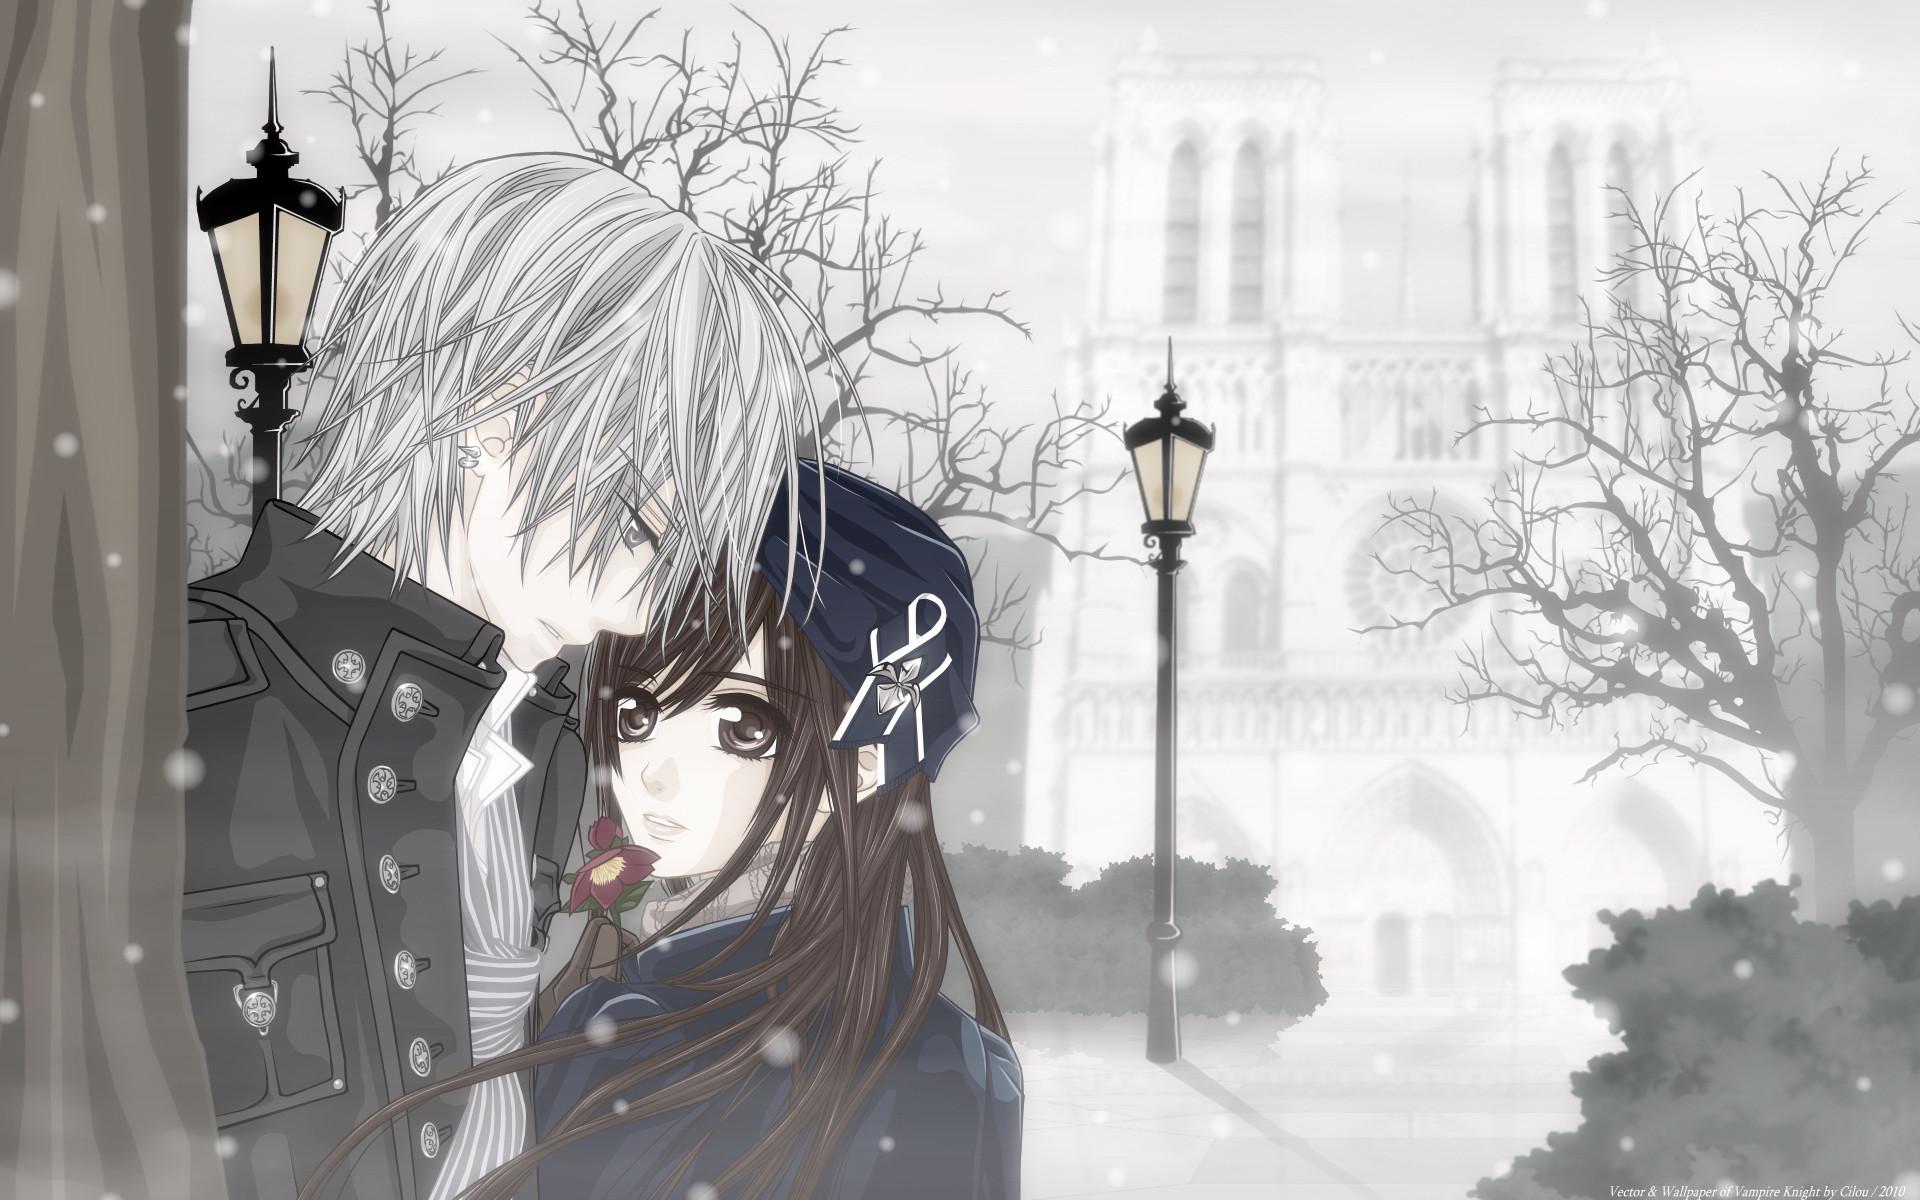 Love-on-that-Snowy-Day-vampire-knight-yuki-